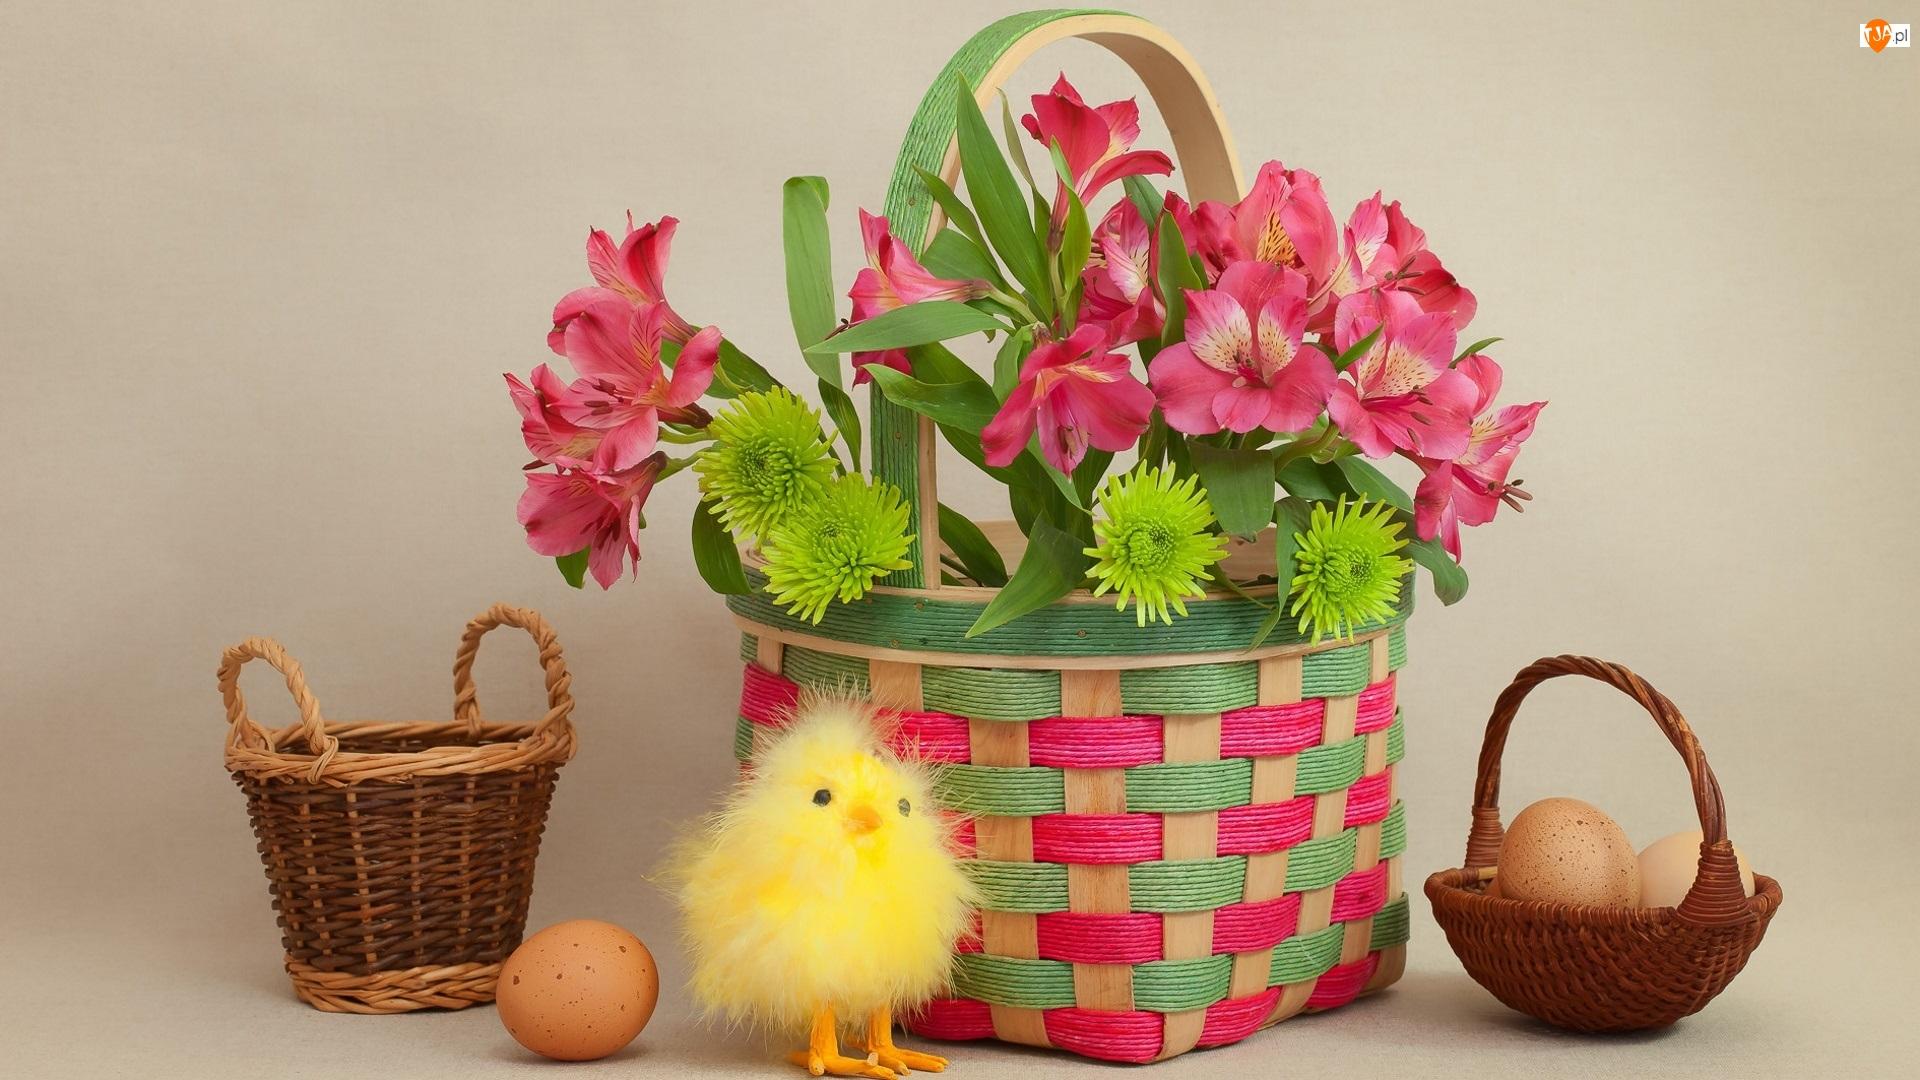 Alstremeria , Koszyczki, Wielkanoc, Kompozycja, Kurczaczek, Jajka, Kwiaty